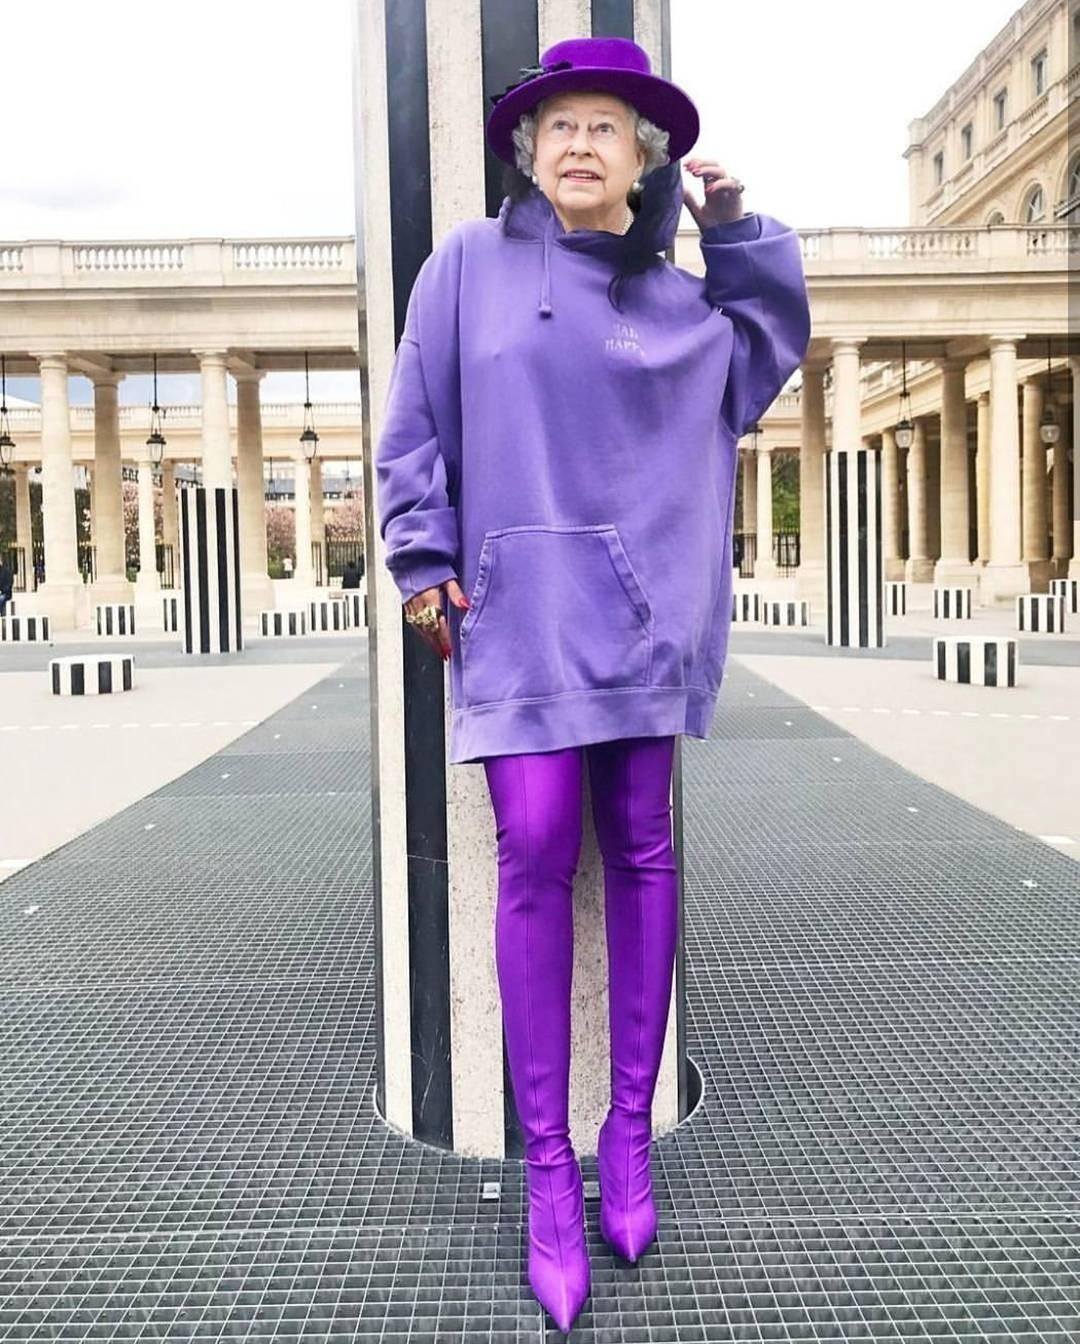 Британская королева всегда выглядит безупречно. Мы привыкли видеть ее в нарядах, которые вряд ли соответствуют последнему слову моды, зато явно вписываются в королевский дресс-код. А что,...